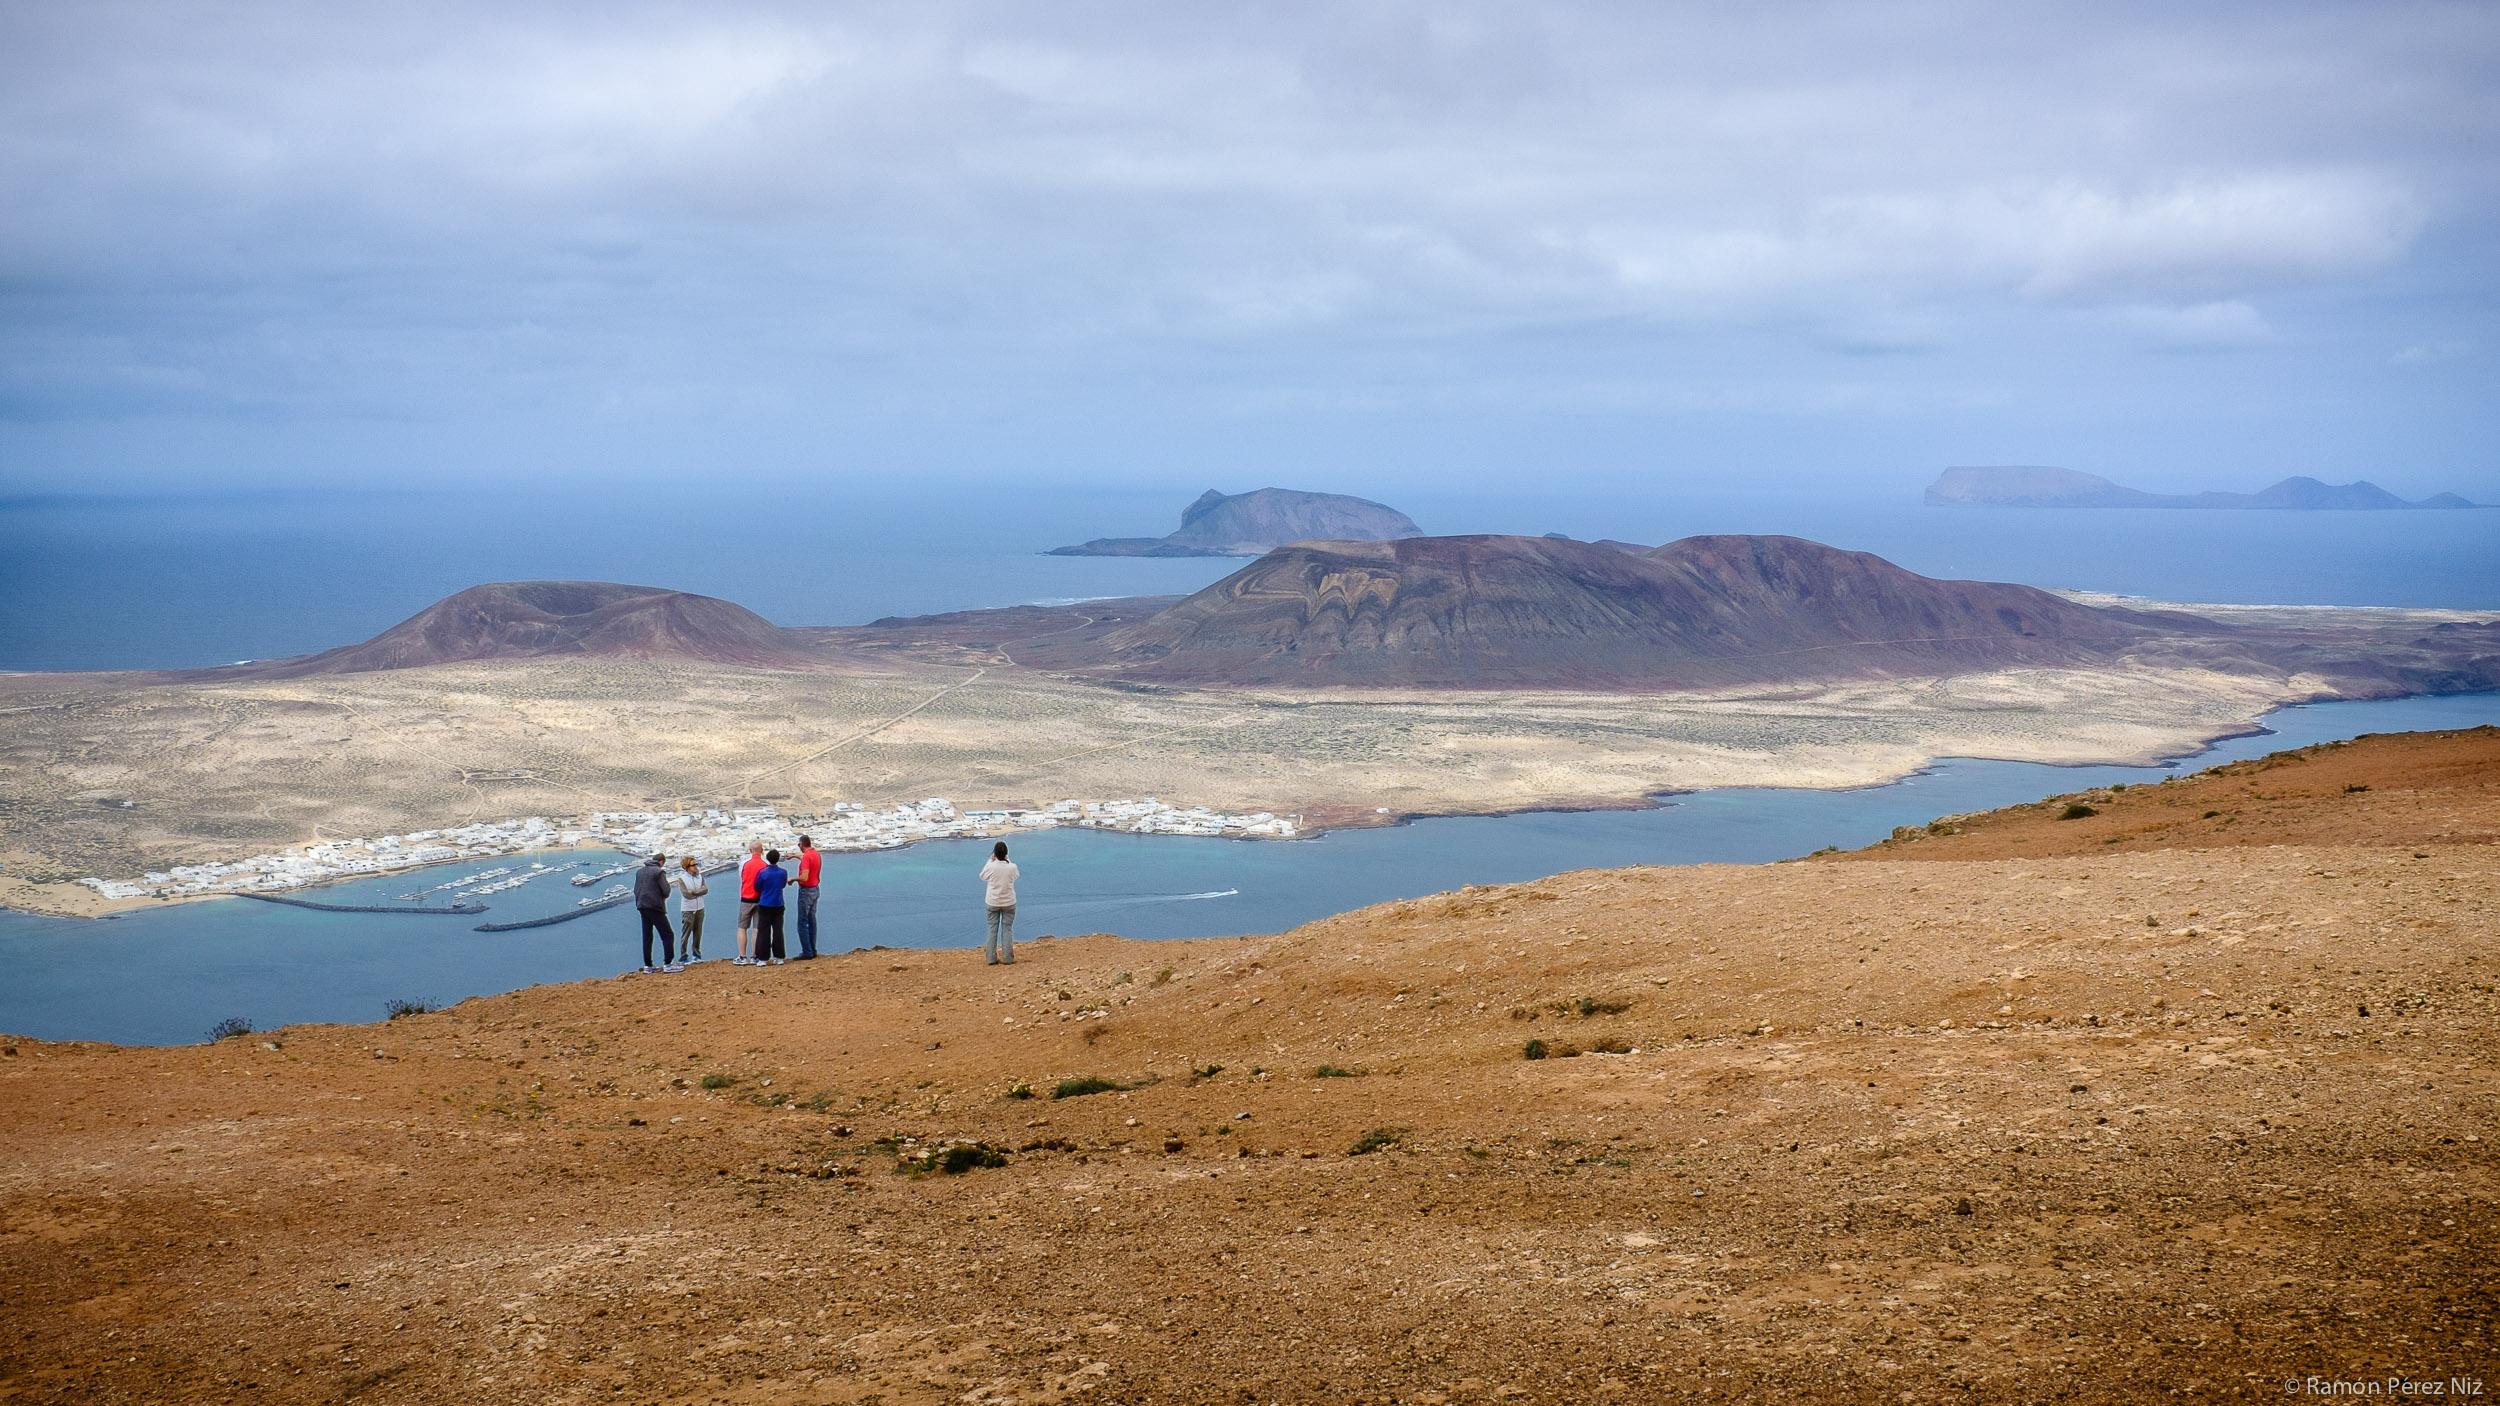 Vista del archipiélago chinijo. Foto de Ramón Pérez Niz.